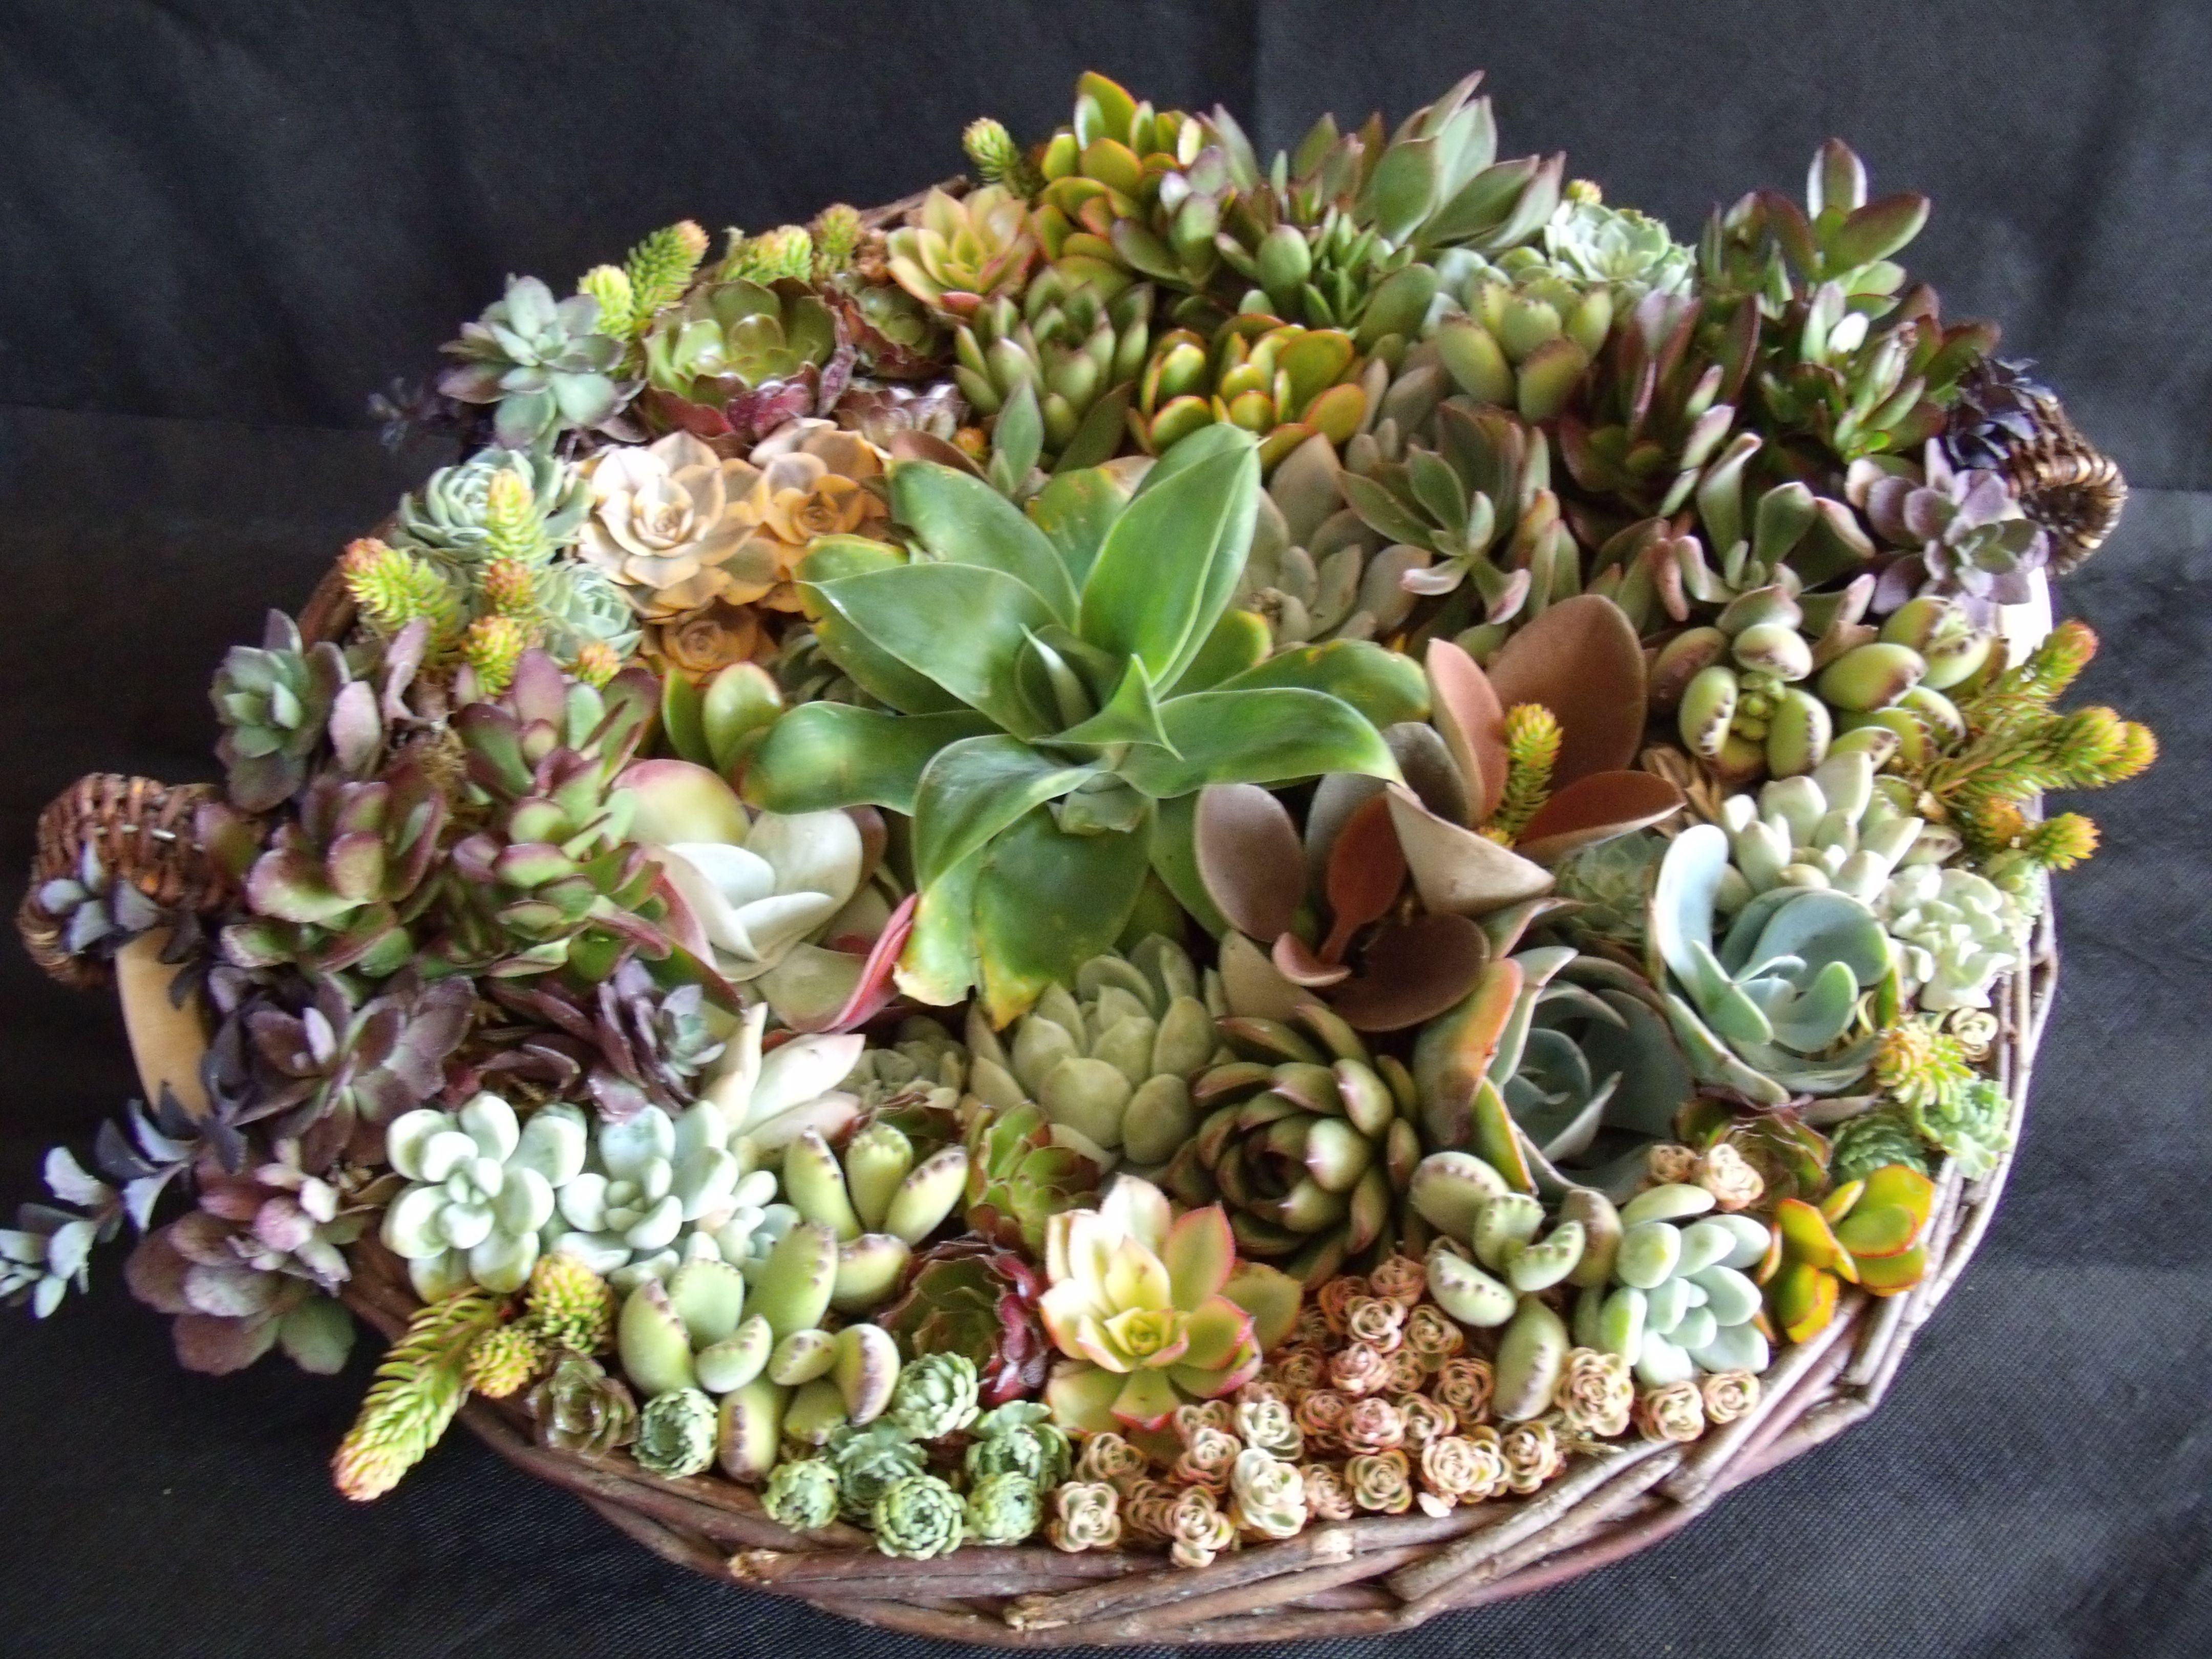 Basket osucculents PhotoDesigner Laura Eubanks at Design For